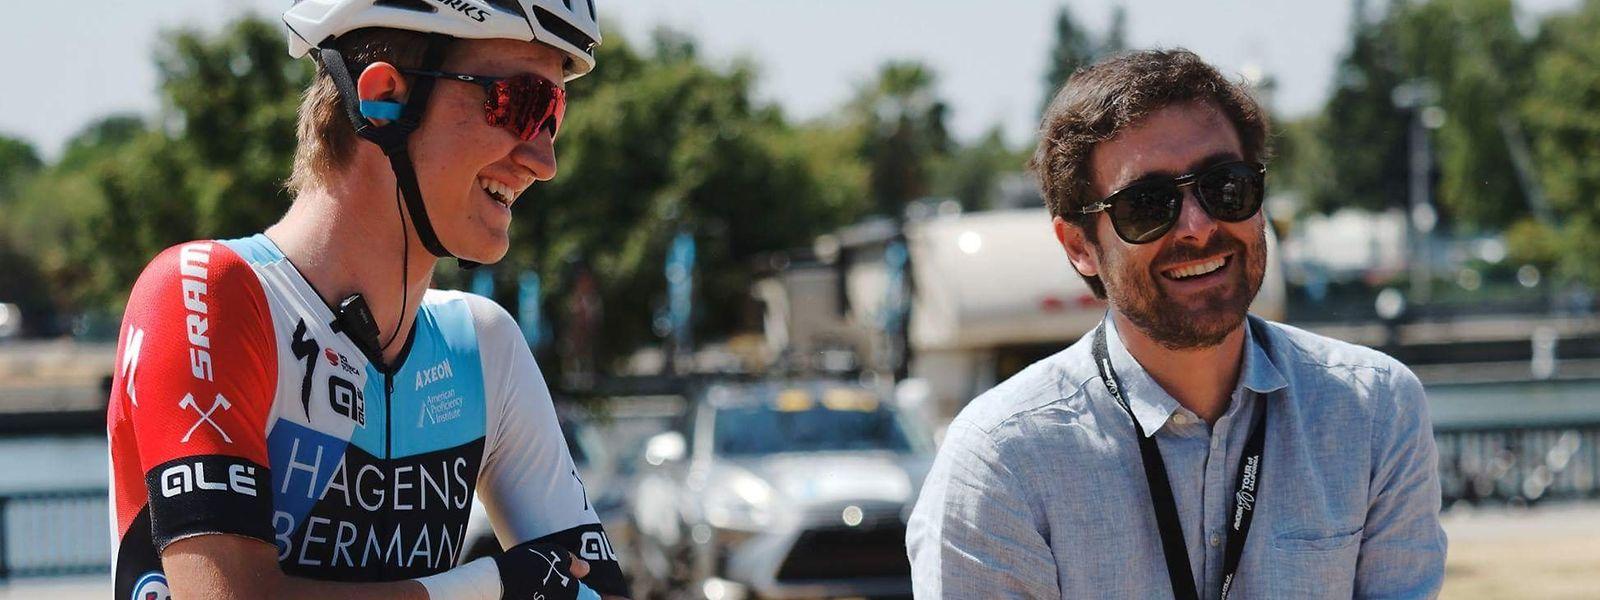 Ken Sommer (r.) fördert und unterstützt gerne junge, talentierte Fahrer.